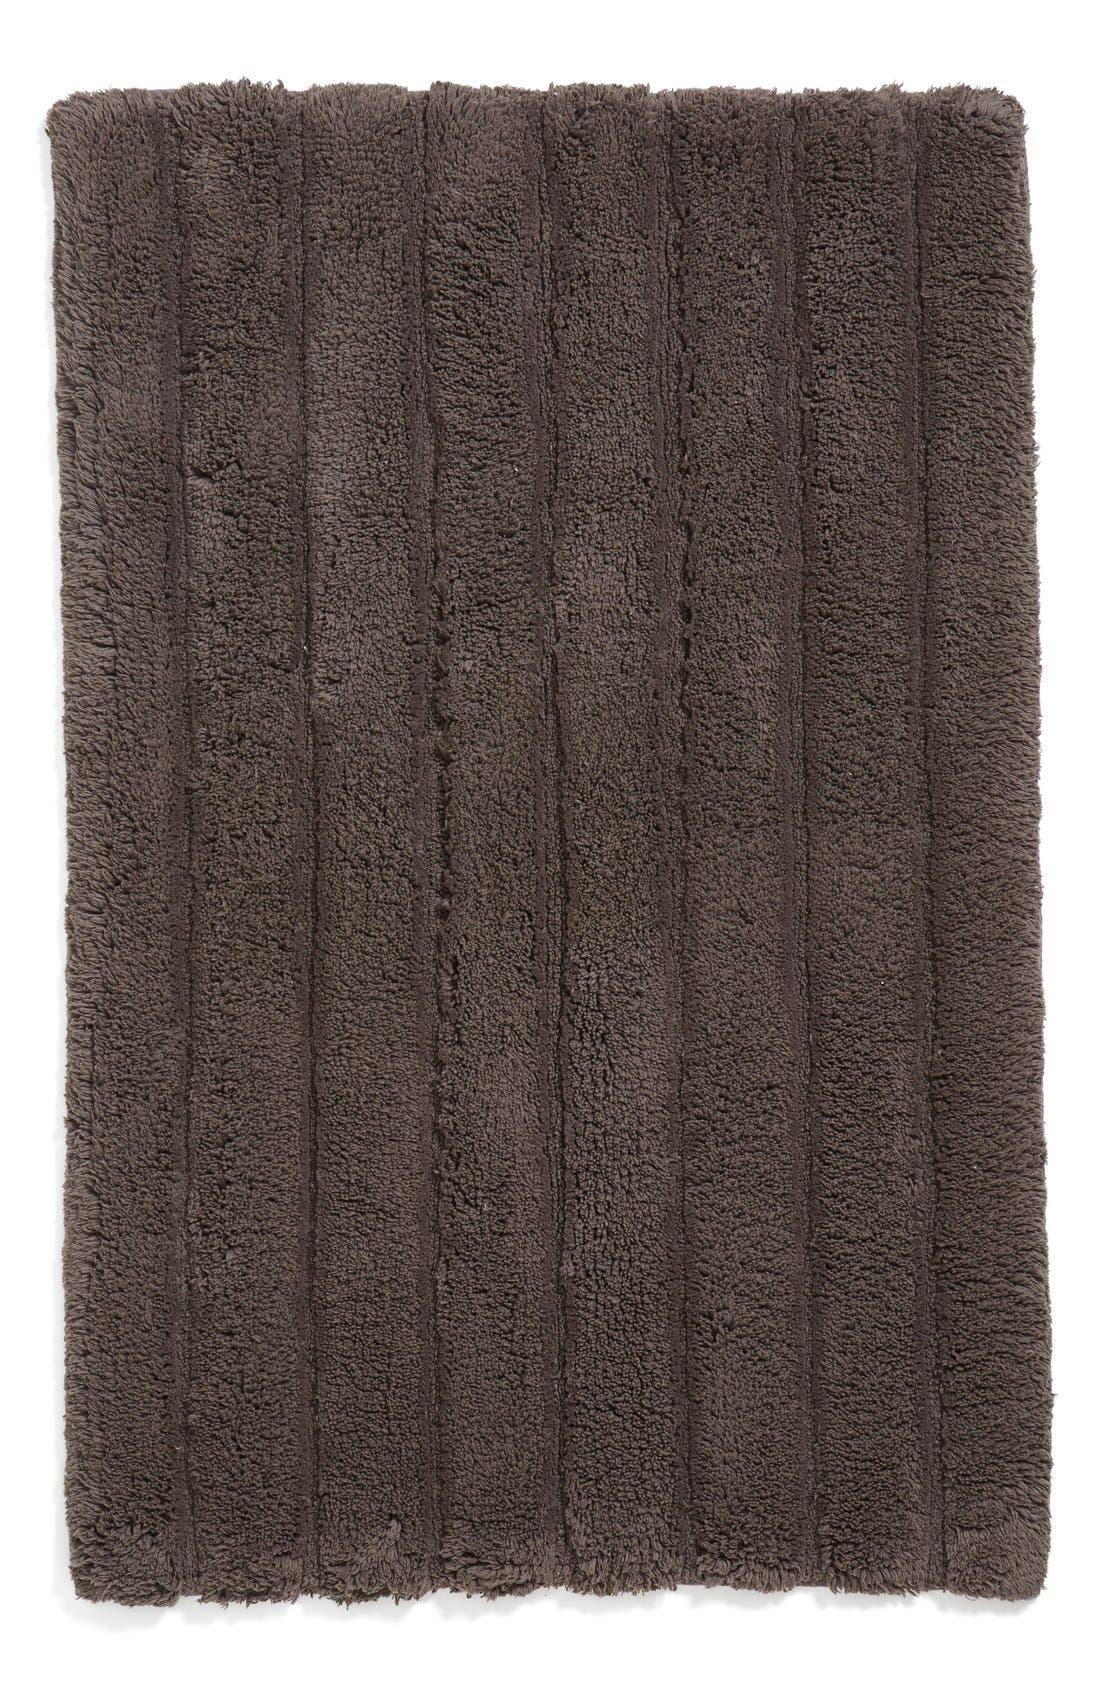 Ribbed Velour Bath Rug,                             Main thumbnail 1, color,                             Grey Asphalt